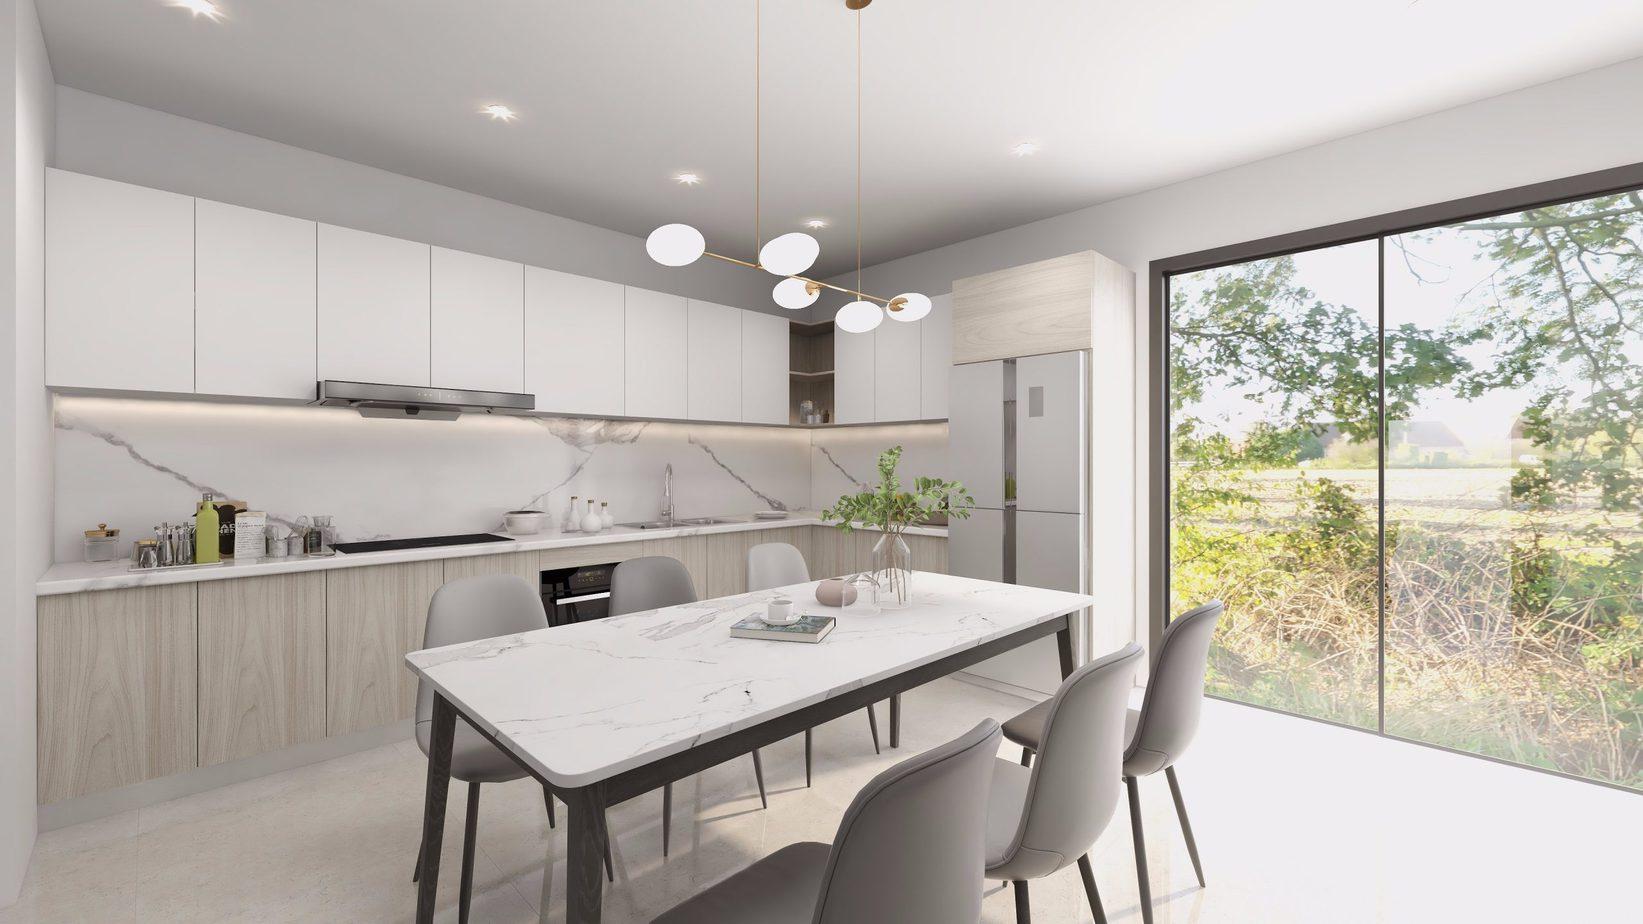 Căn bếp của bạn sẽ trở nên thoáng mát, rộng mở và có sự kết nối với thiên nhiên nếu sử dụng tủ bếp chữ L màu trắng - nâu vân gỗ kết hợp cửa kính rộng và không gian nội thất màu xám sáng như mẫu thiết kế này